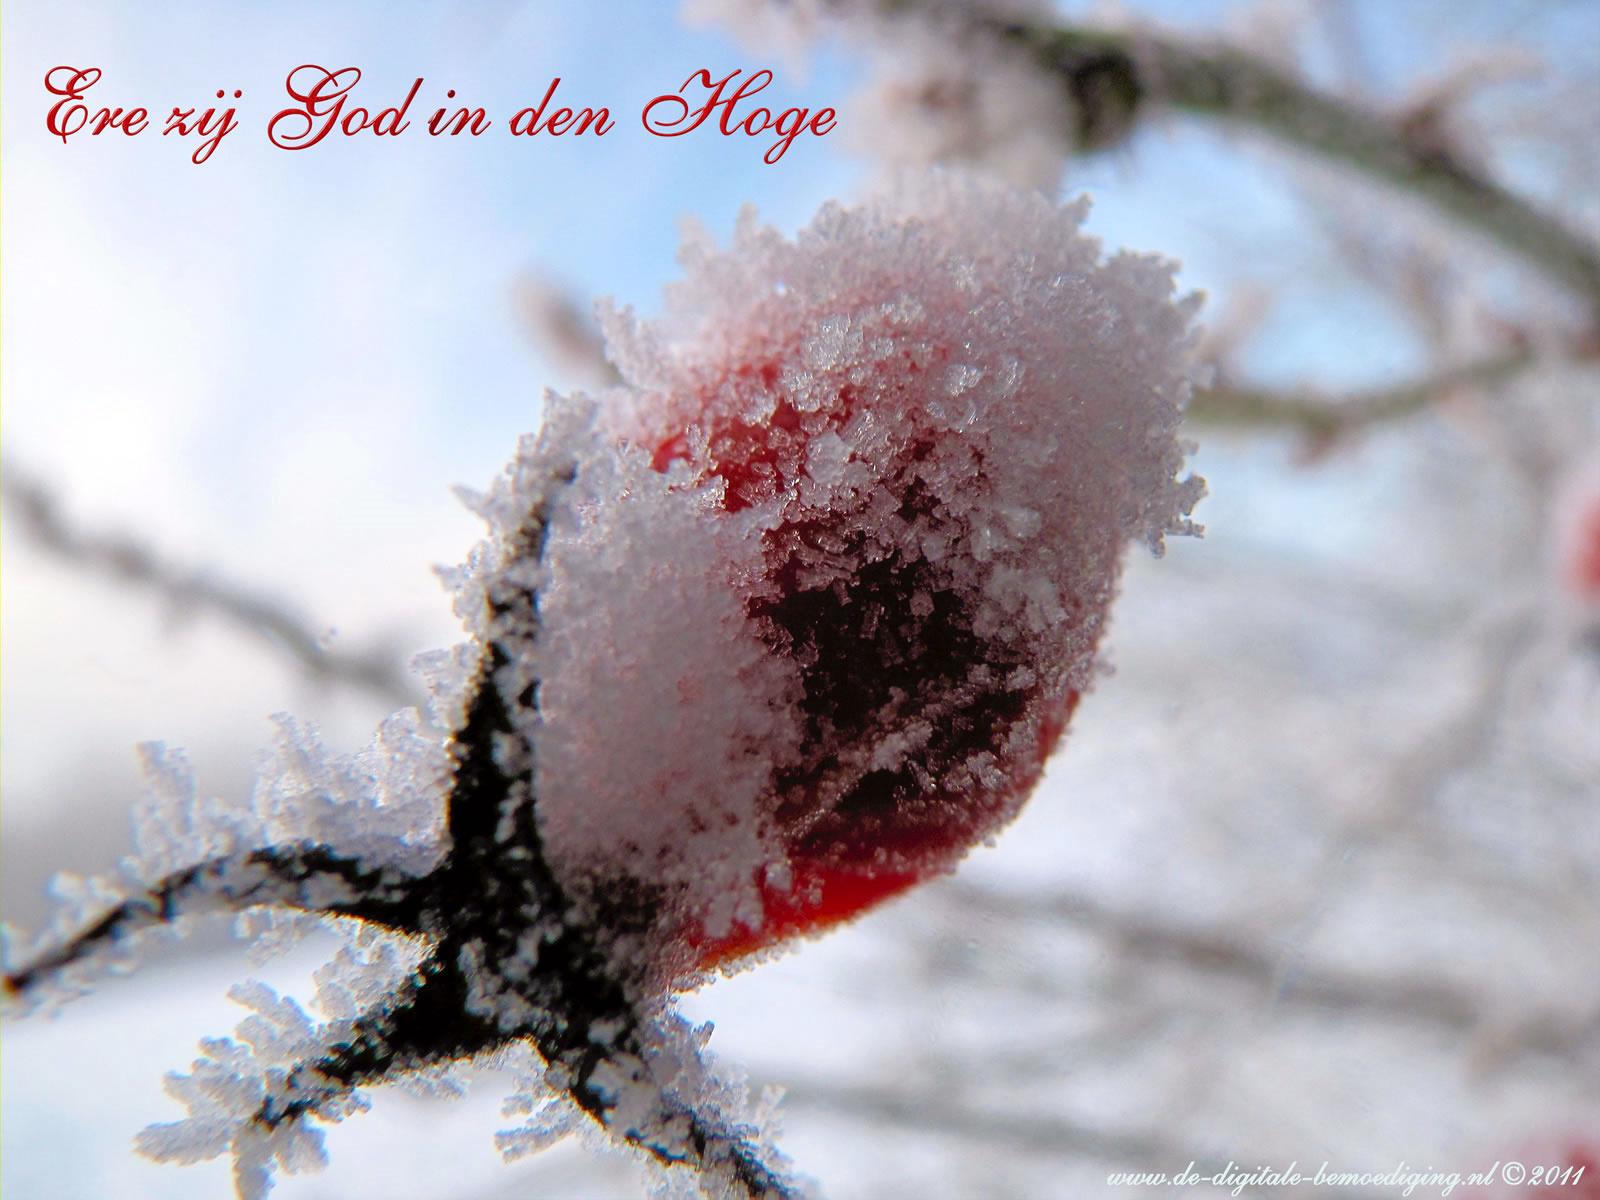 Gezegende Kerstdagen Ecard Rode Roos